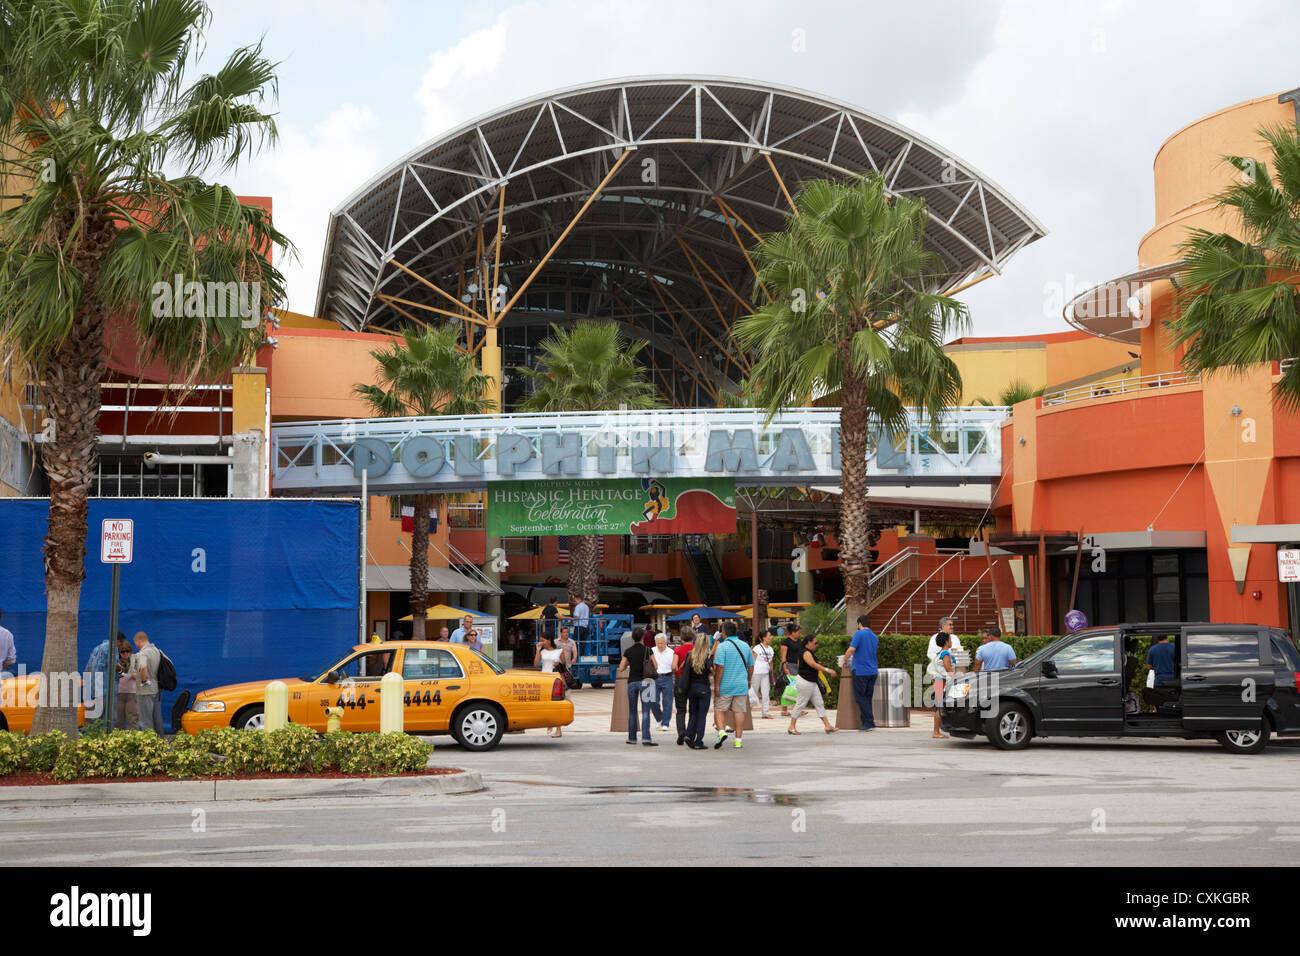 The Dolphin Mall Shopping Centre Inmi Florida Usa Stock Image